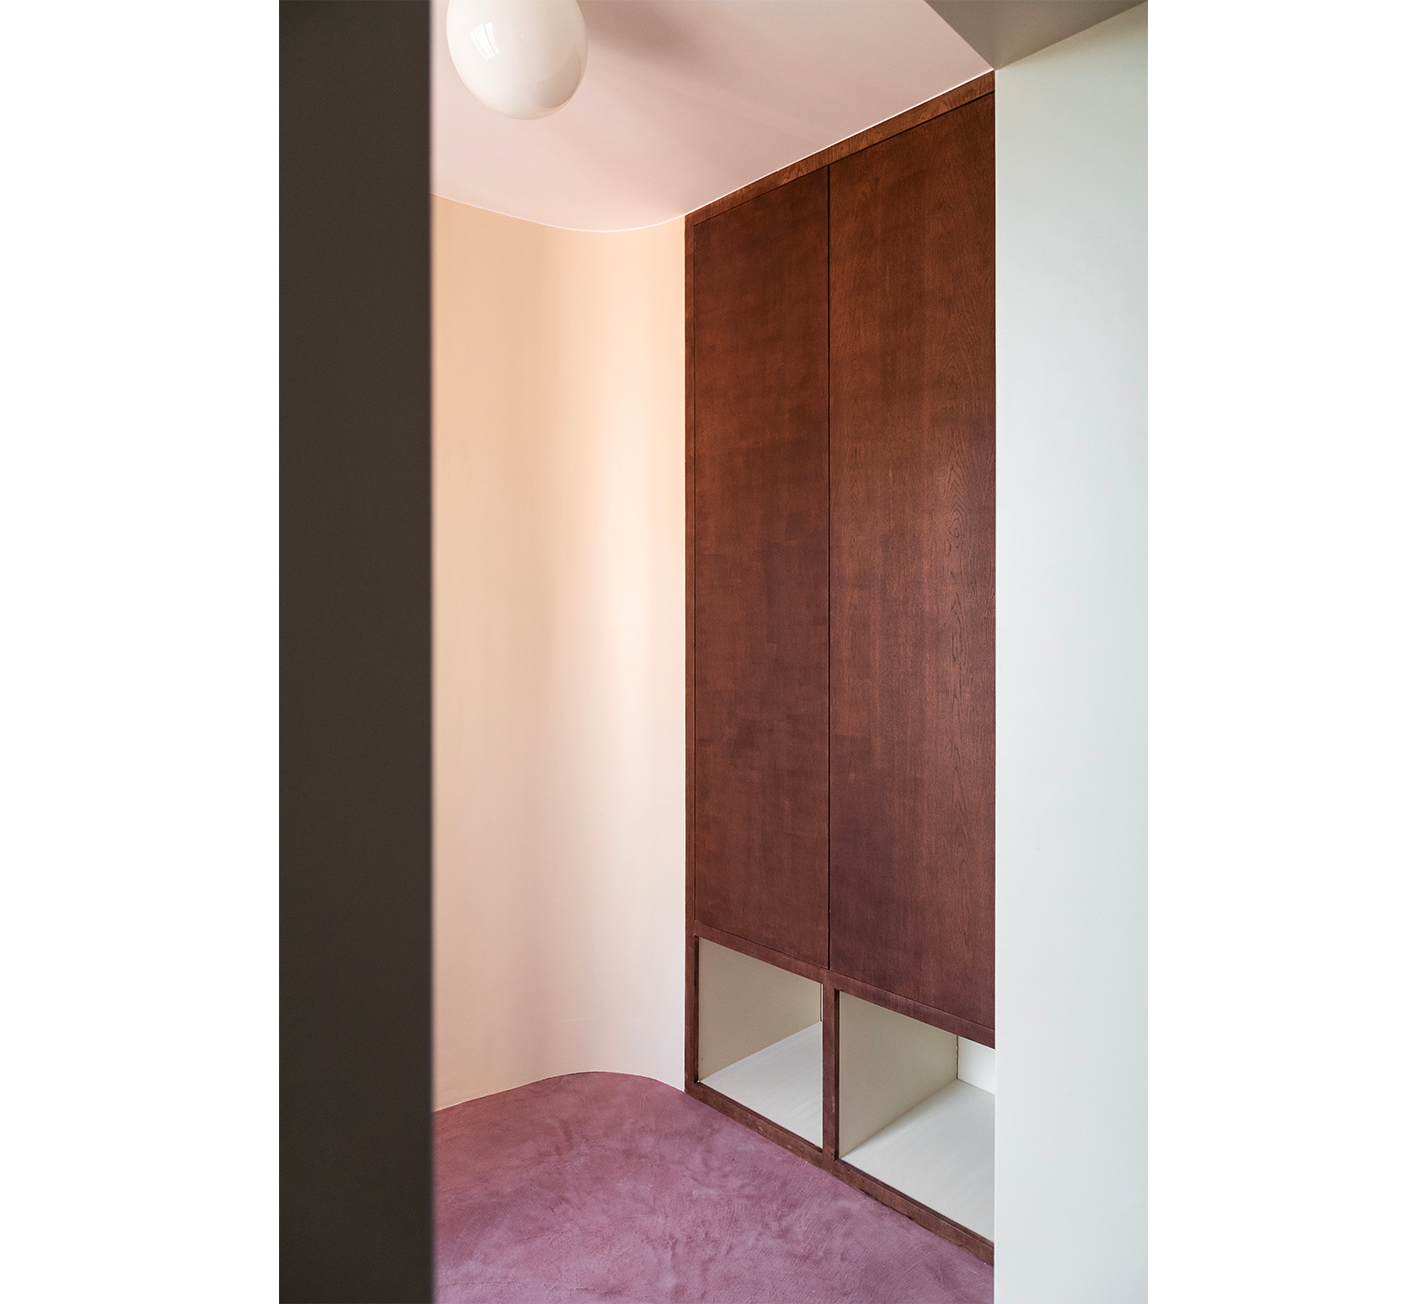 Appartement-Léon-paris-rénovation-architecture-paris-construction-atelier-steve-pauline-borgia-14